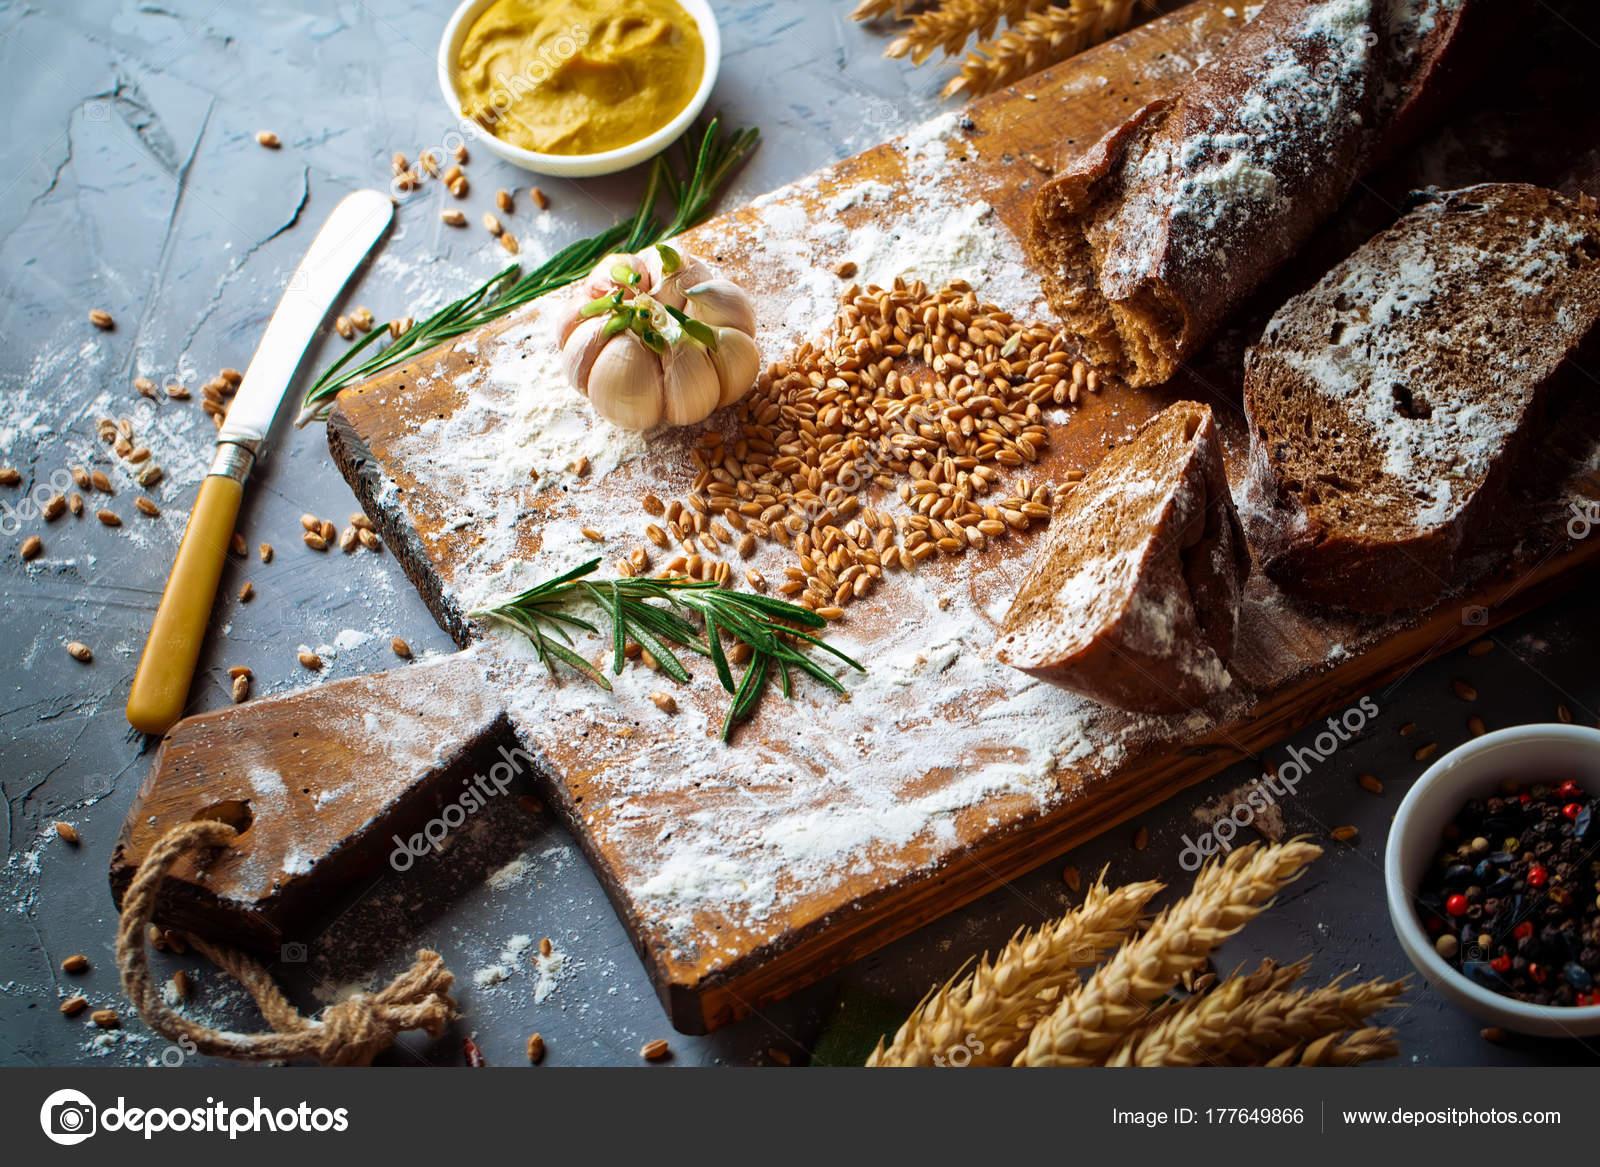 Pieczywo Wypieki Kompozycji Akcesoria Kuchenne Stary Tlo Zdjecie